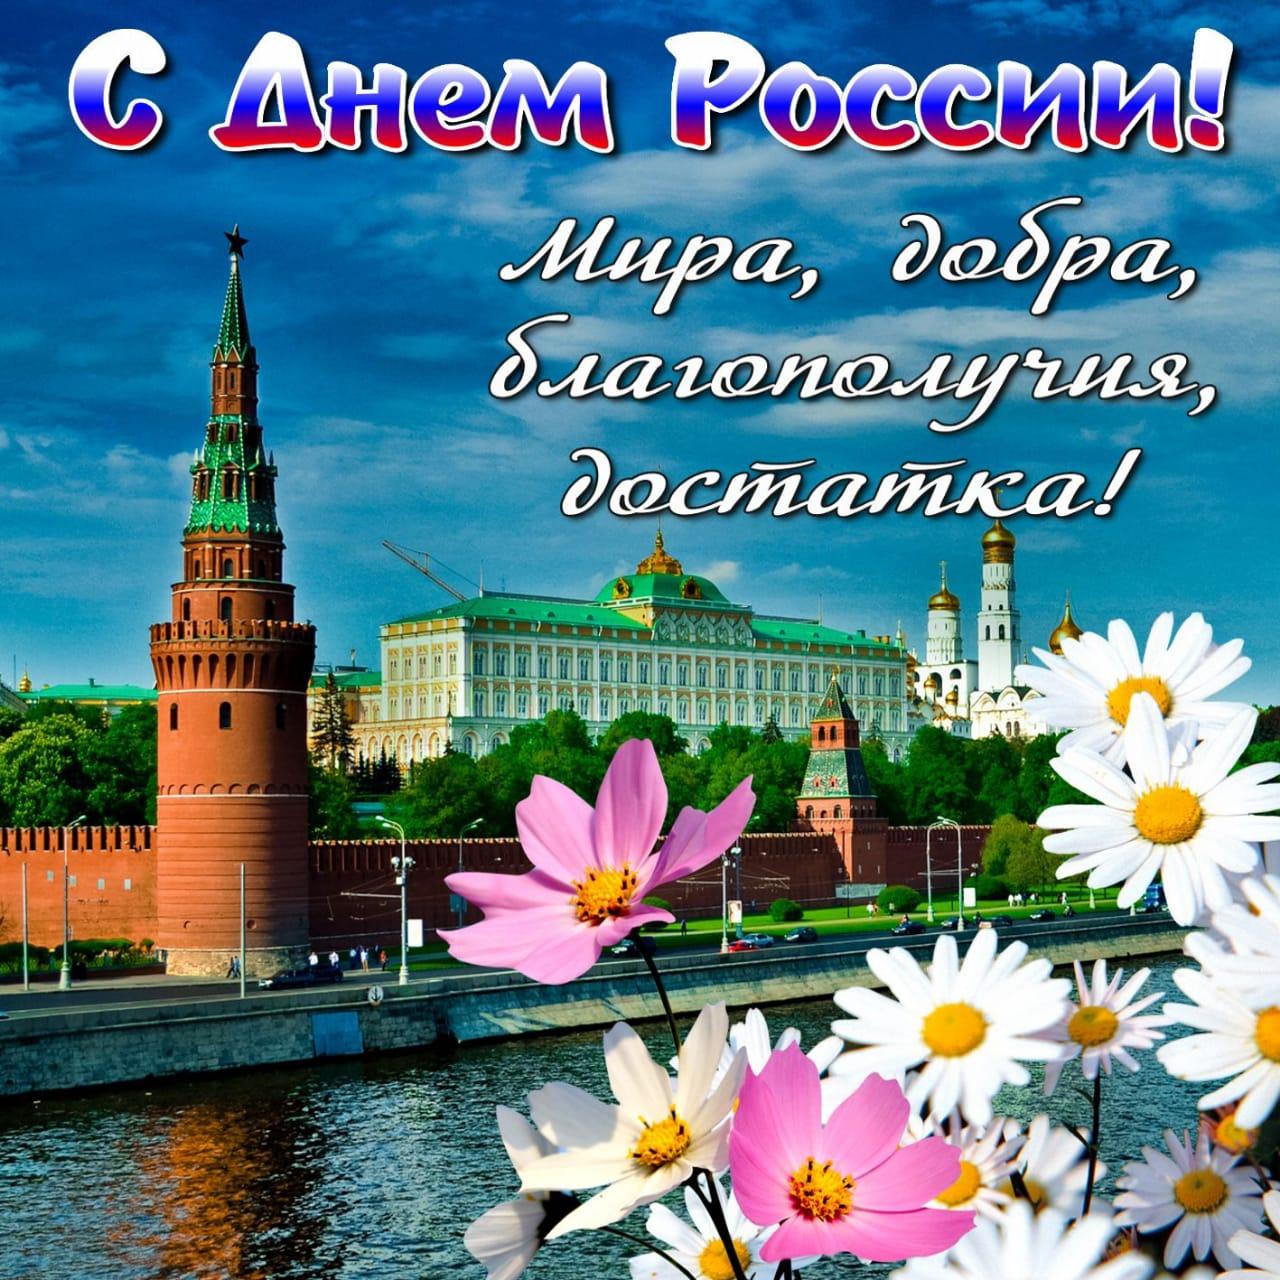 Музыкальные открытки, фото открыток на день россии